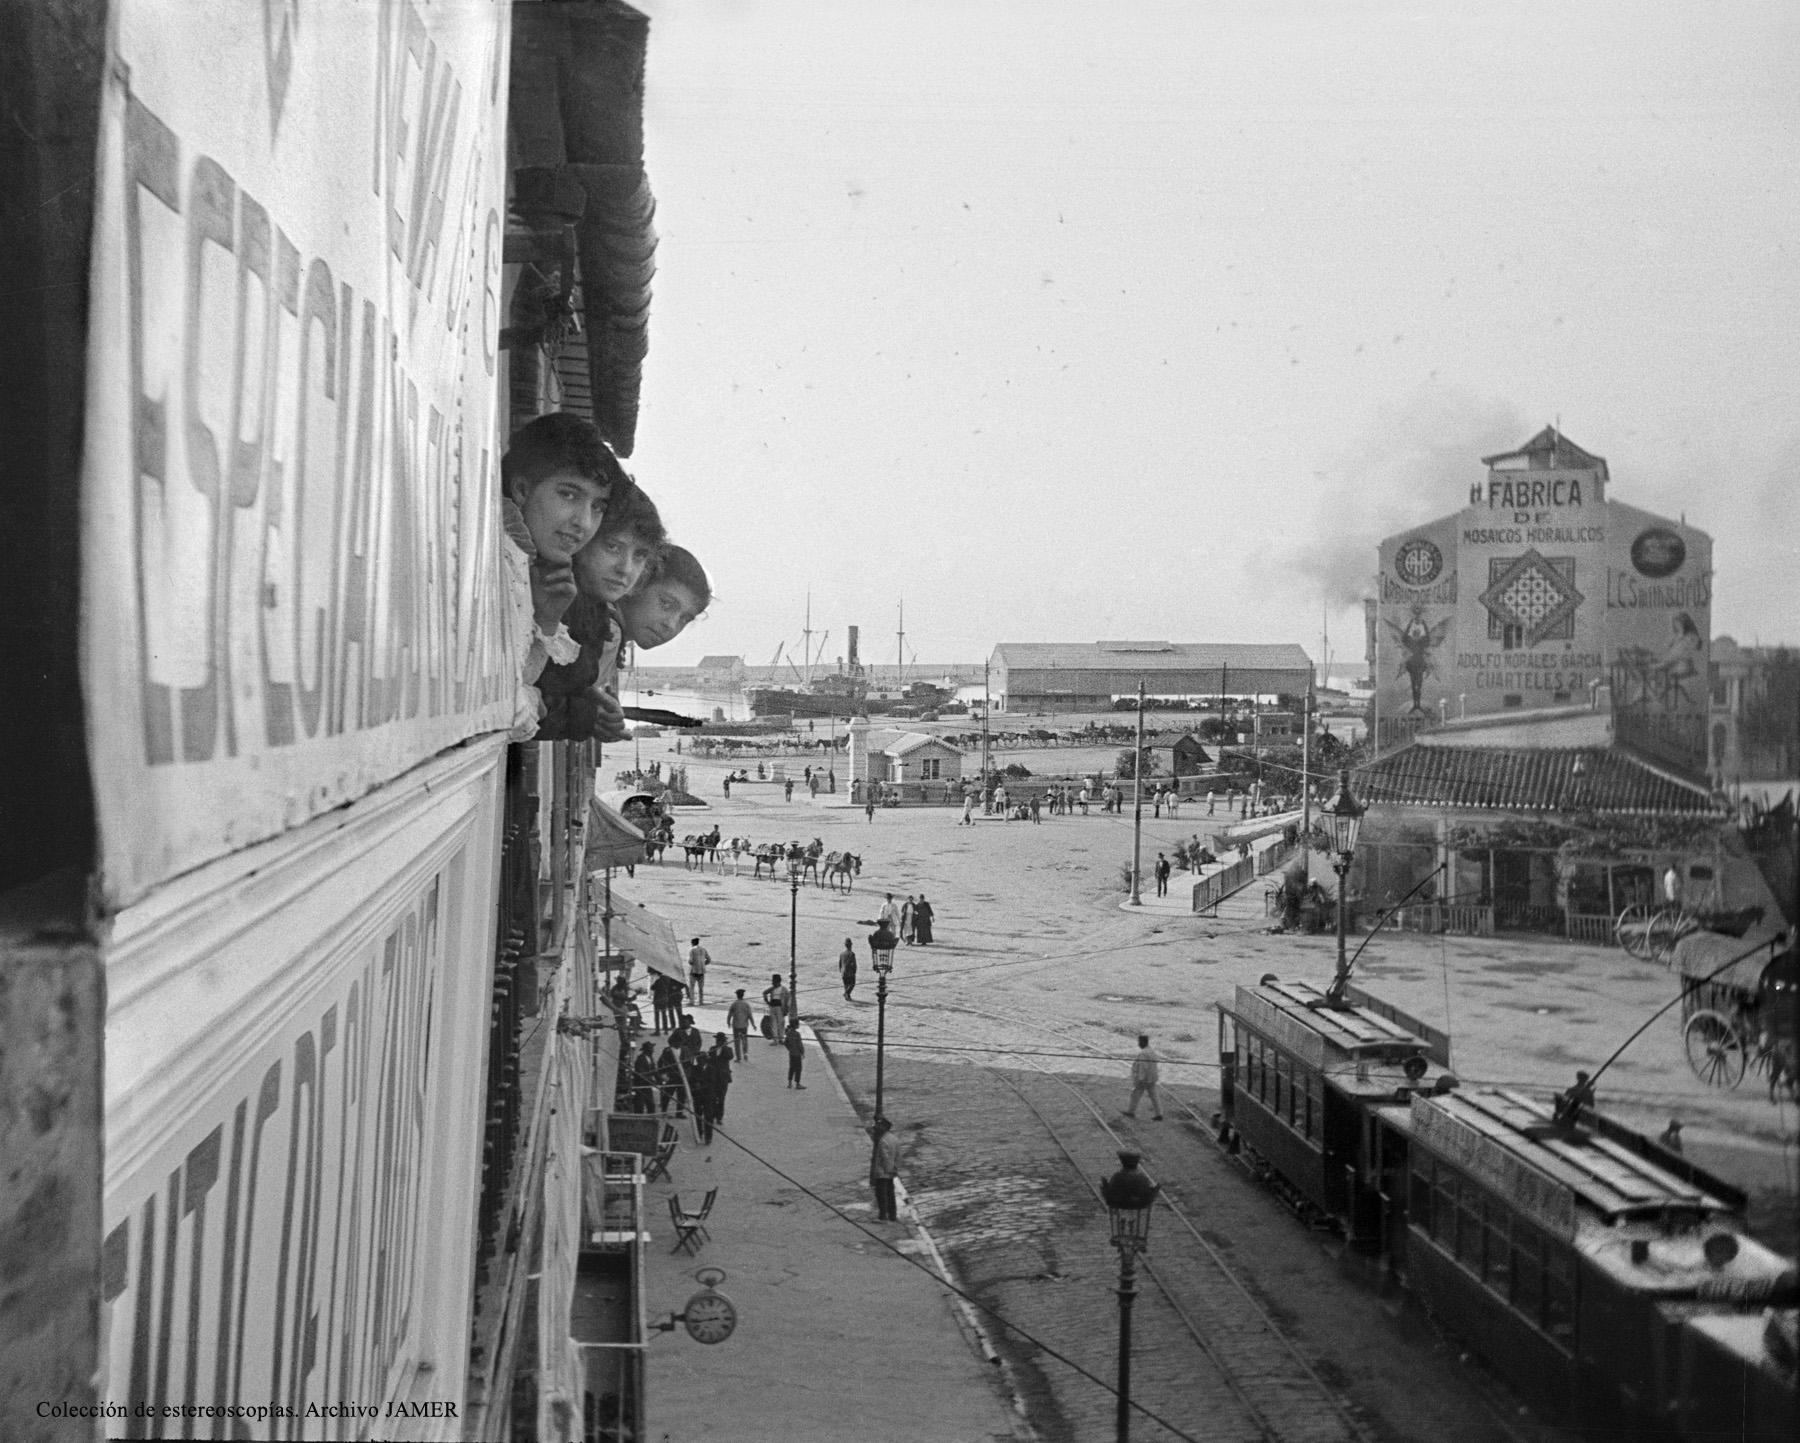 Málaga. Acera de la Marina y puerto. Hacia 1920. Colección de estereoscopías de los años 20 del siglo XX. Archivo Jamer.